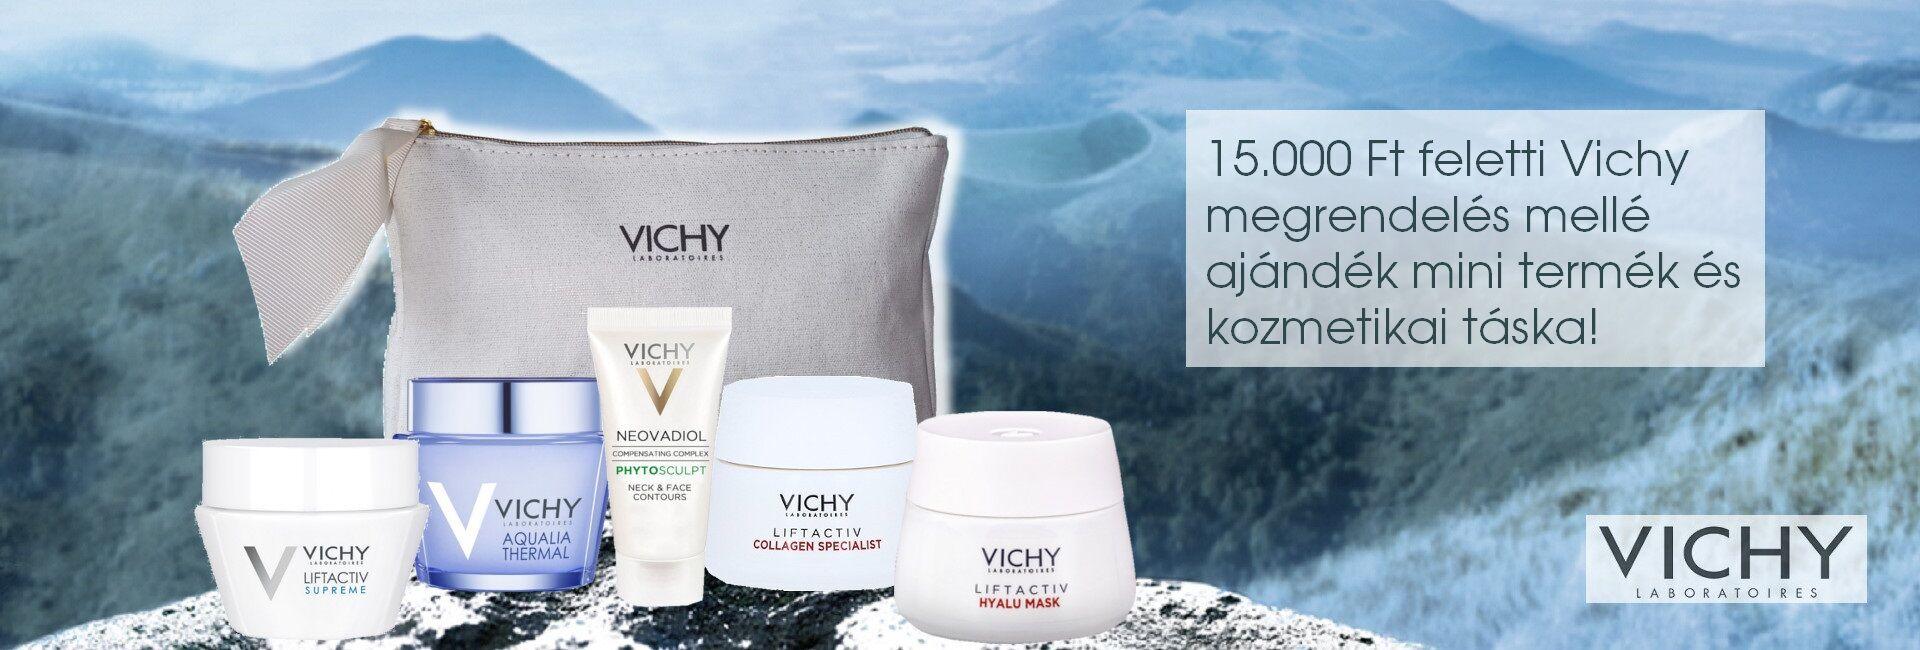 2021. október 14-31. között minden 15.000 Ft feletti Vichy megrendelés mellé választható mini Vichy arcápoló terméket és exkluzív Vichy kozmetikai táskát adunk ajándékba!